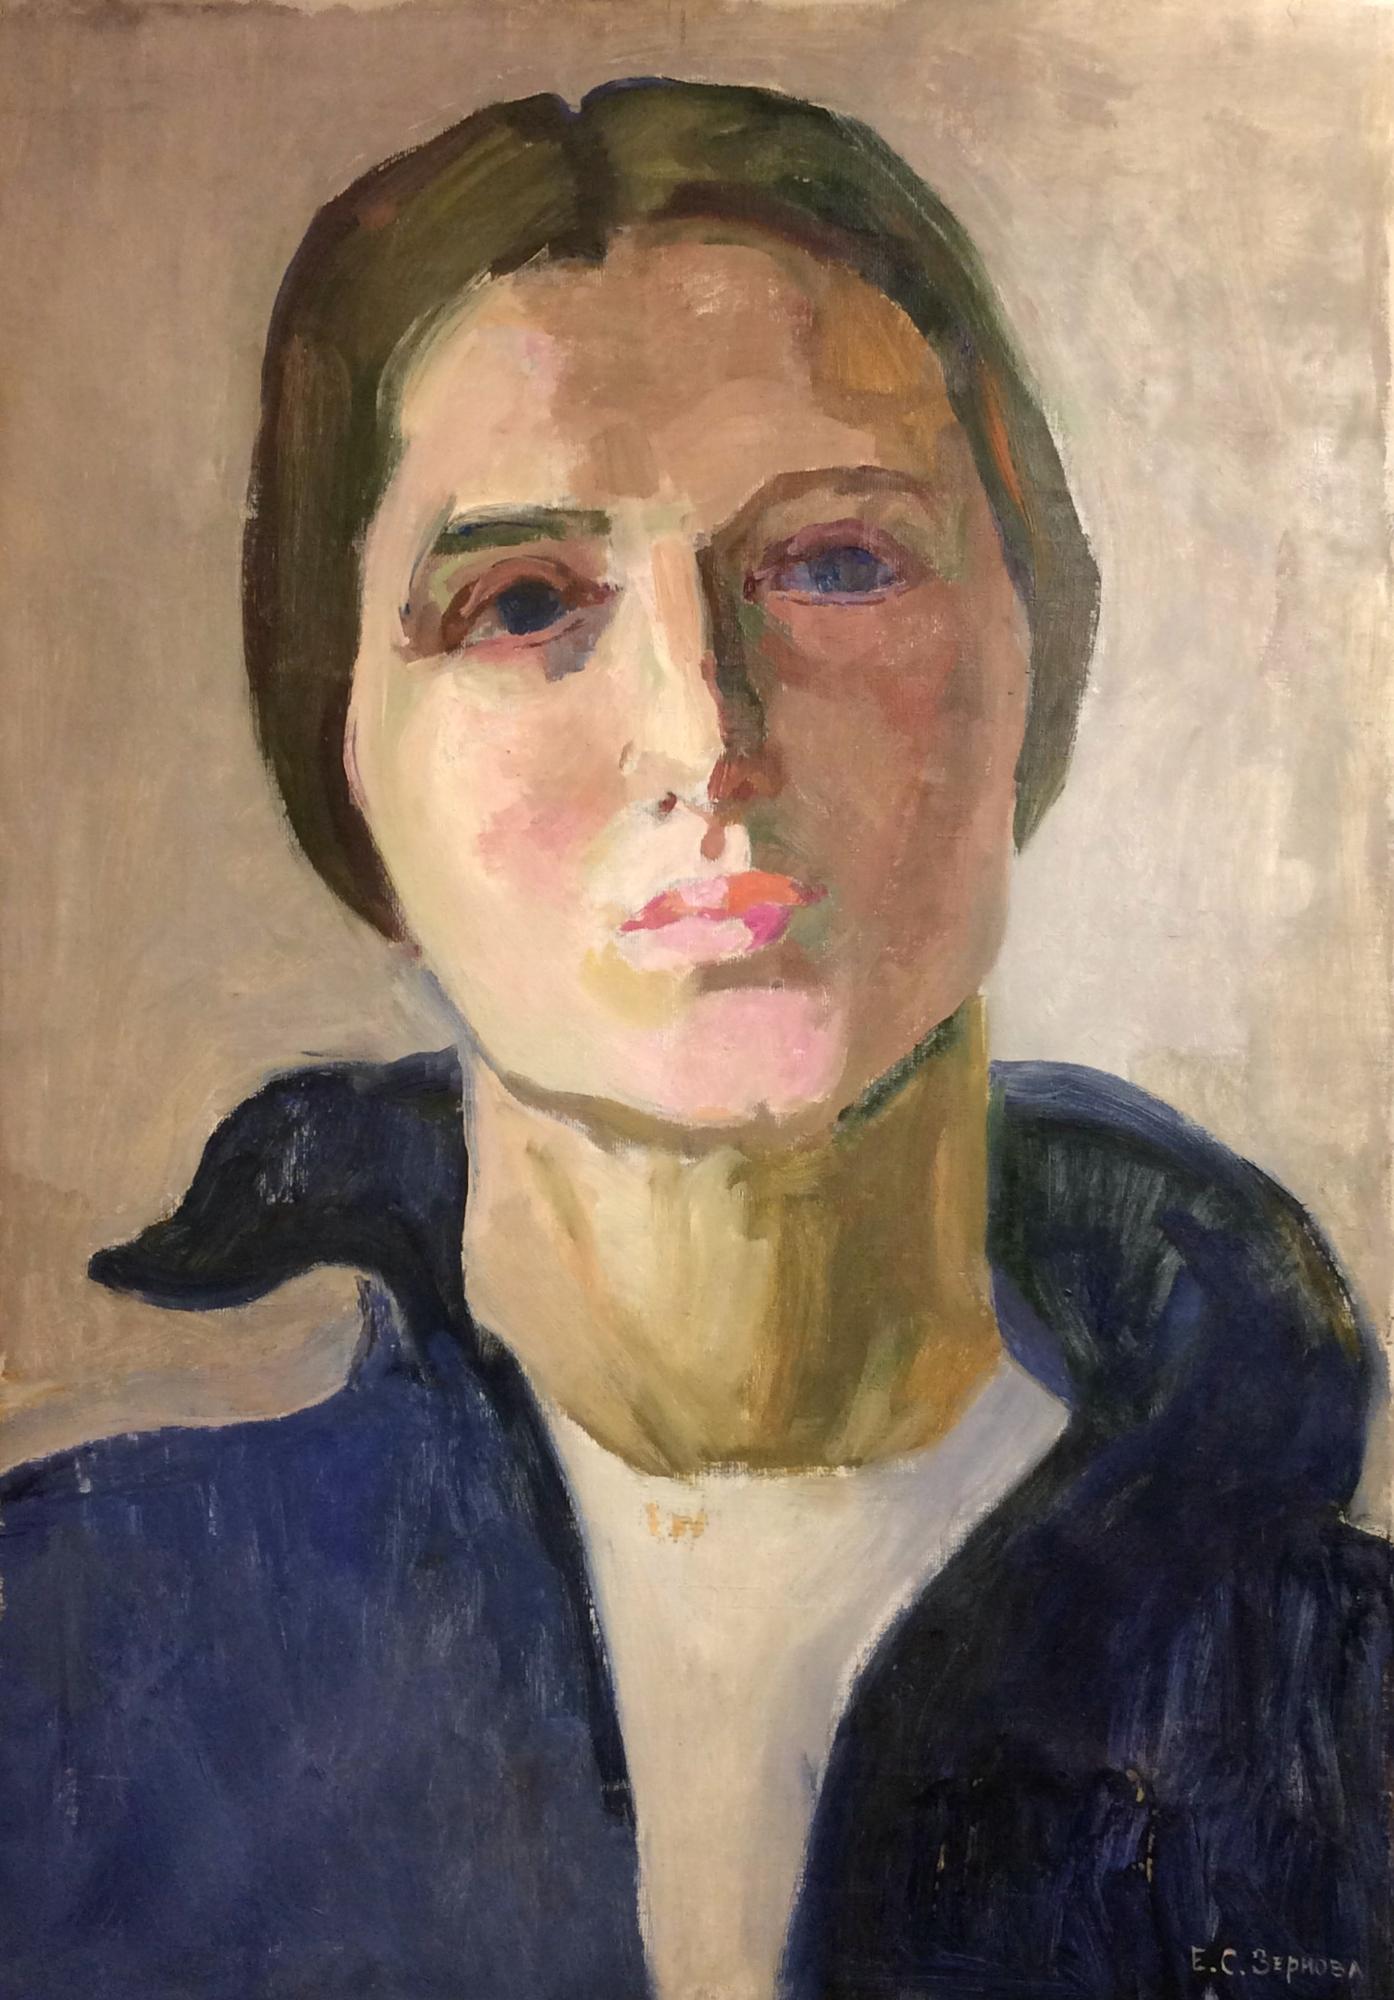 Зернова Екатерина Сергеевна. Женский портрет